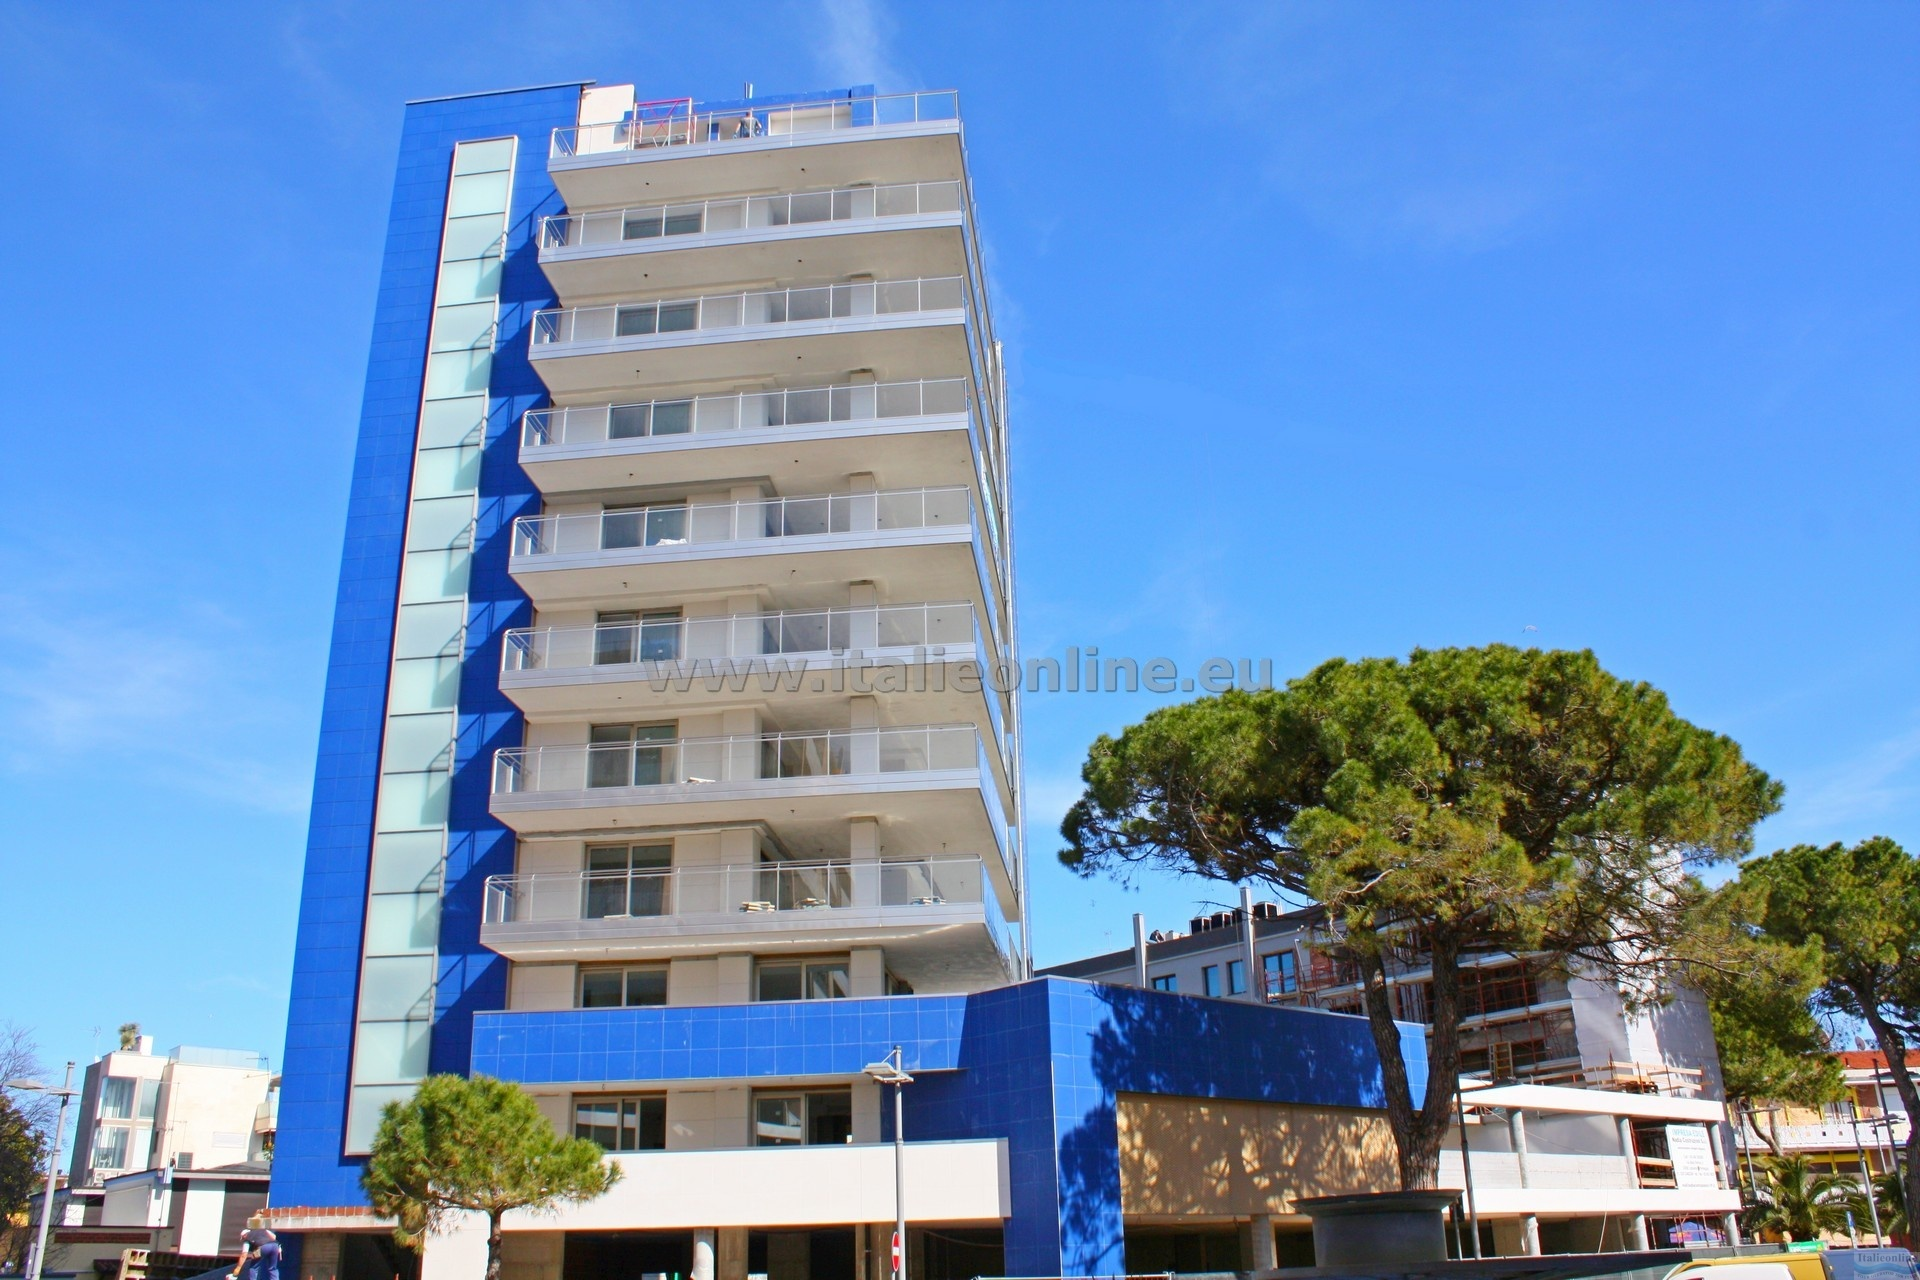 Appartamenti nashira lignano sabbiadoro italia italieonline for Appartamenti lignano